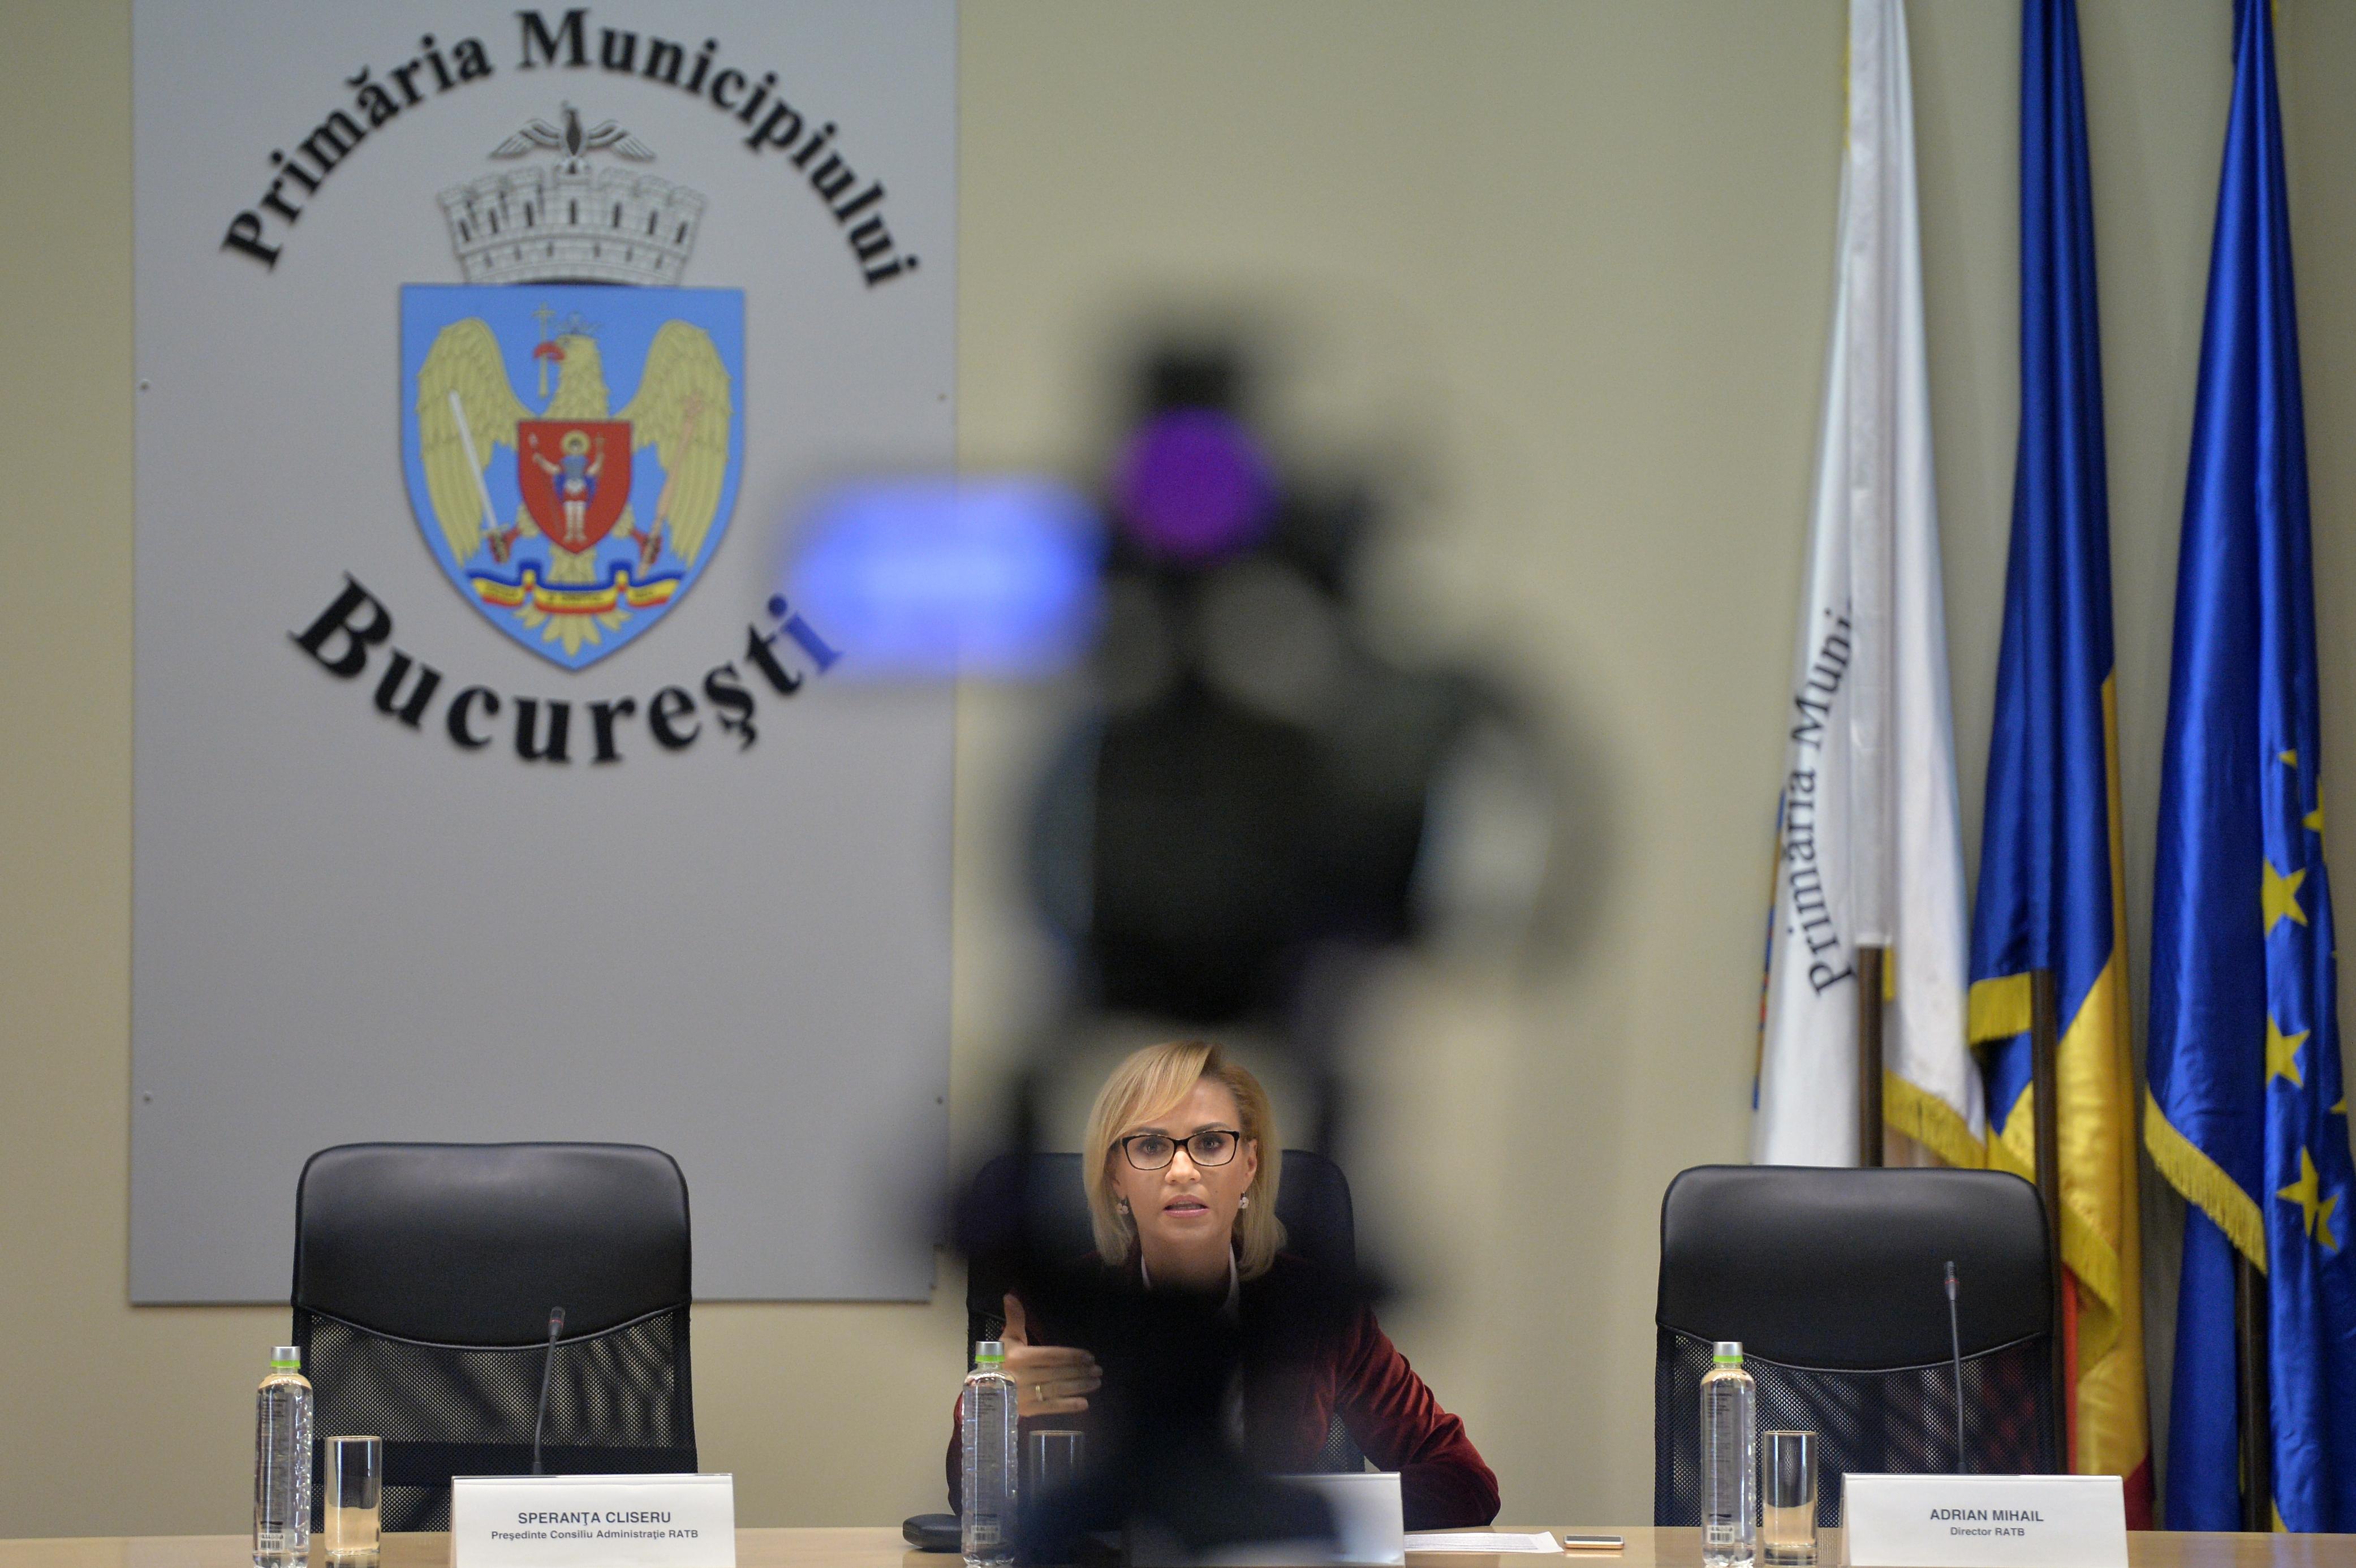 USR sesizează Curtea de Conturi cu privire la cheltuielile făcute de companile Primăriei Bucureşti: Cu aceşti bani s-ar fi cumpărat nu 400 ci 600 de autobuze